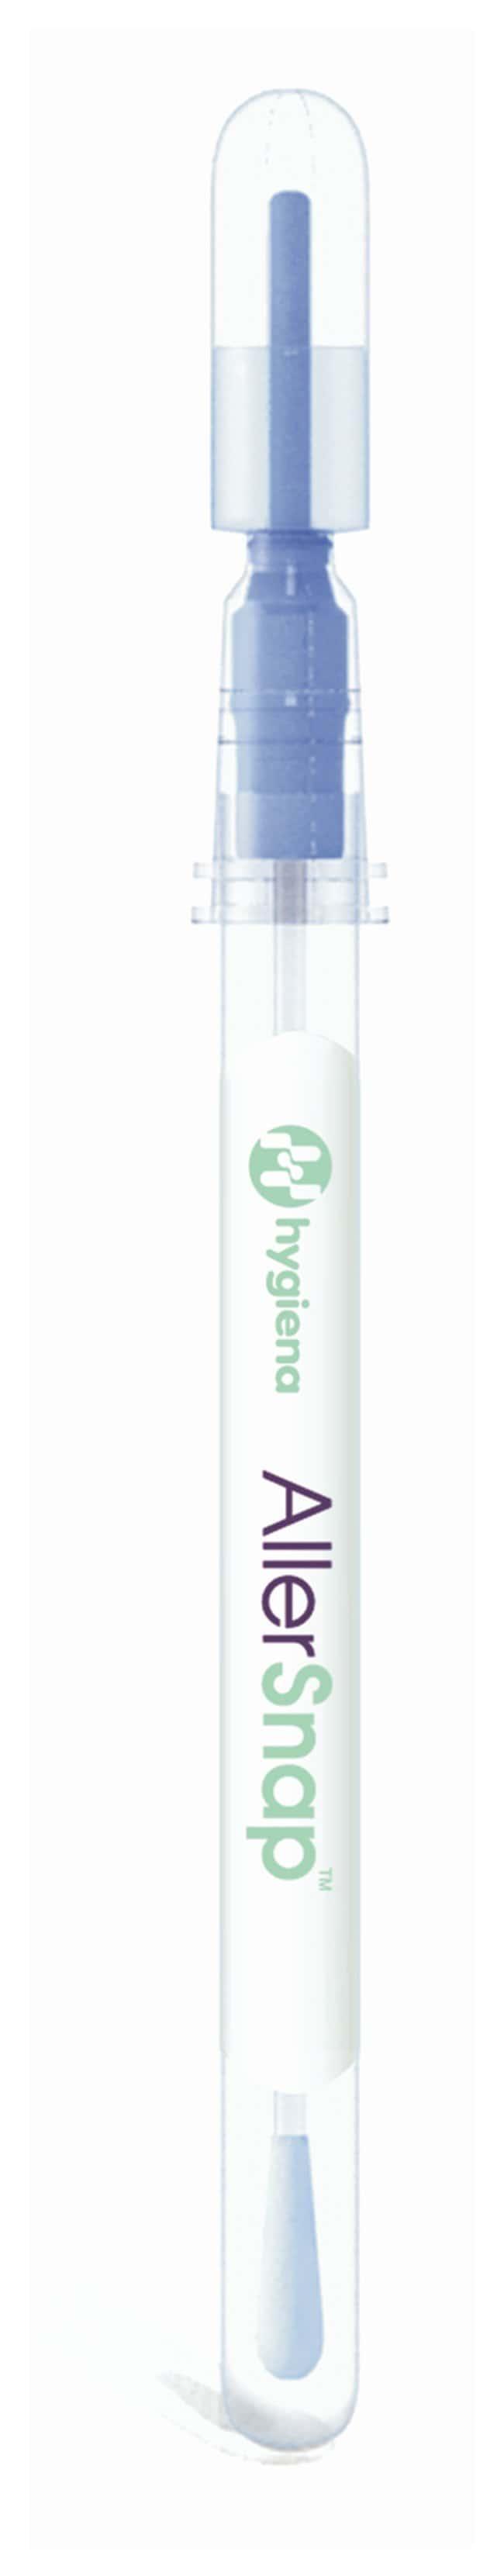 Hygiena ALLER-Snap Rapid Allergen Prevention Test 100 tests/case:Electrophoresis,